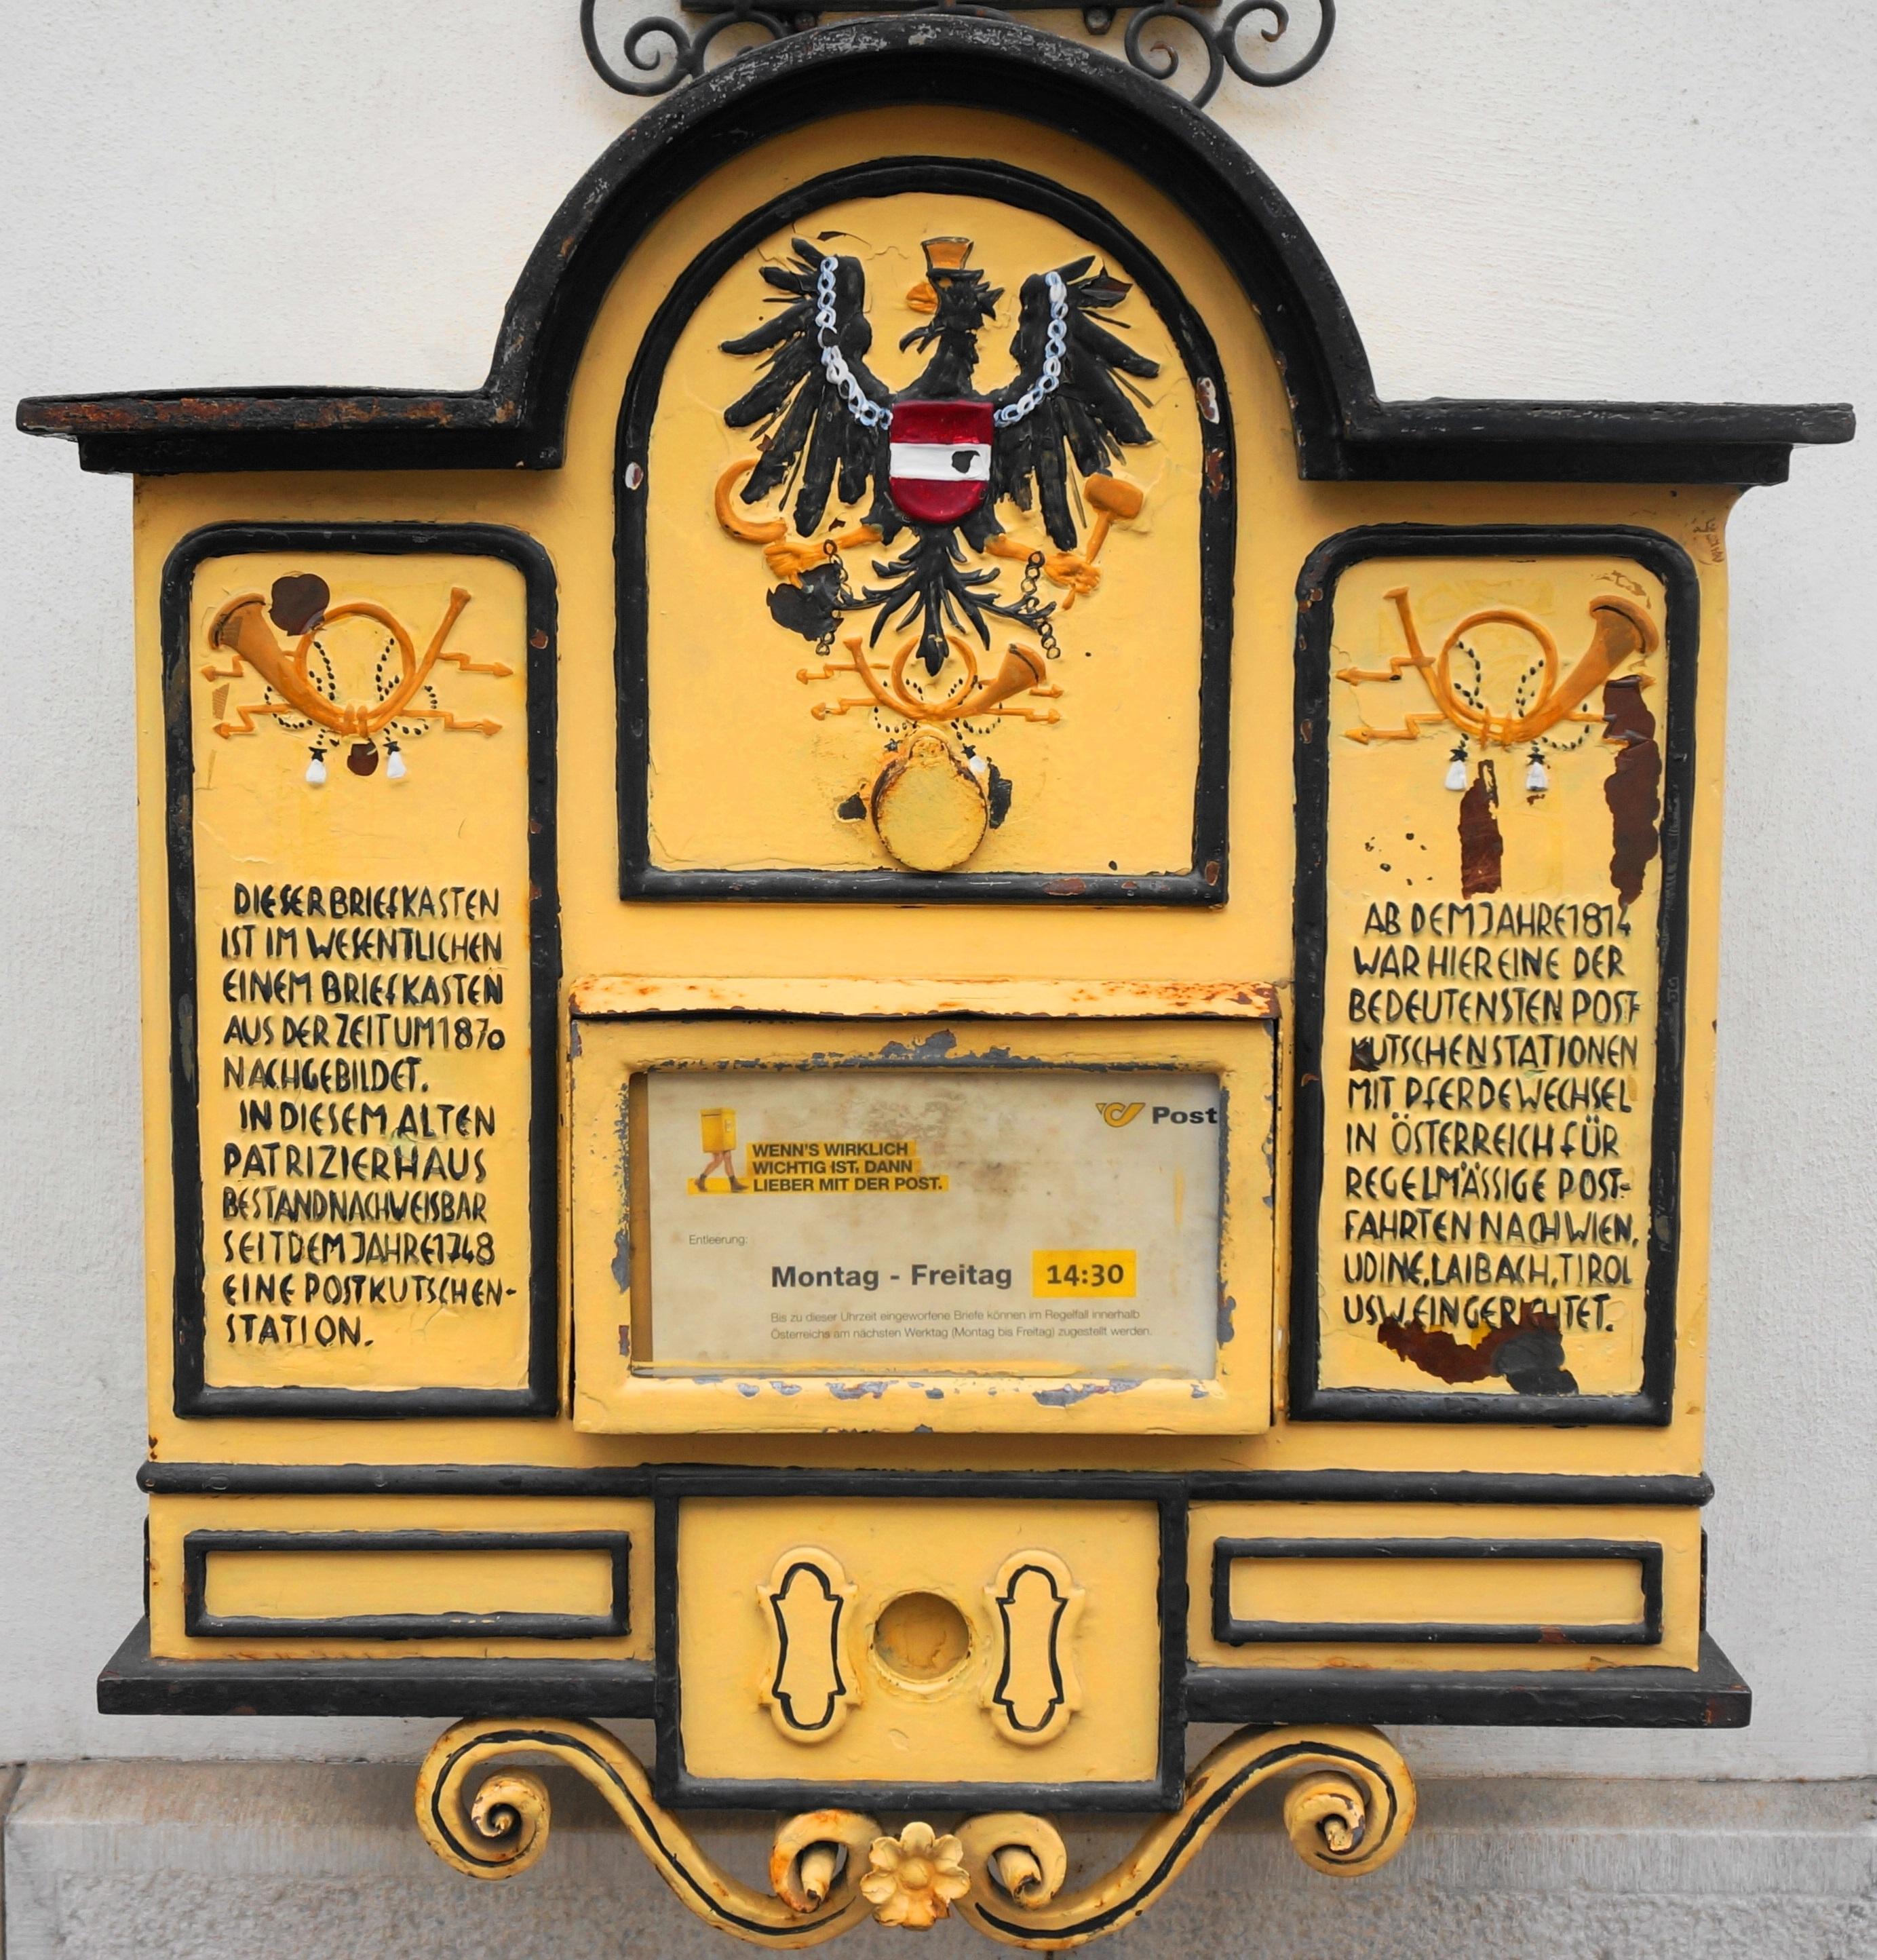 File:Briefkasten Aus Der Zeit Um 1870 Am Hotel Post In